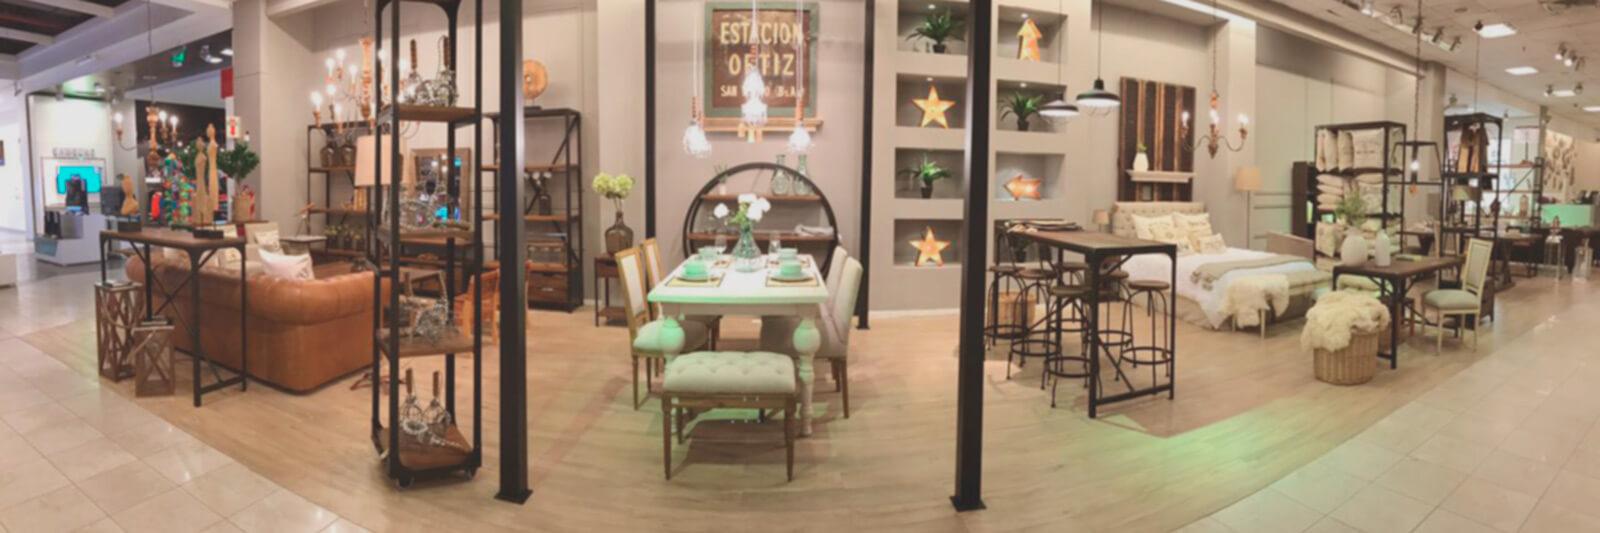 Estacion Ortiz Muebles Y Objetos Vintage # Muebles Padilla Cordoba